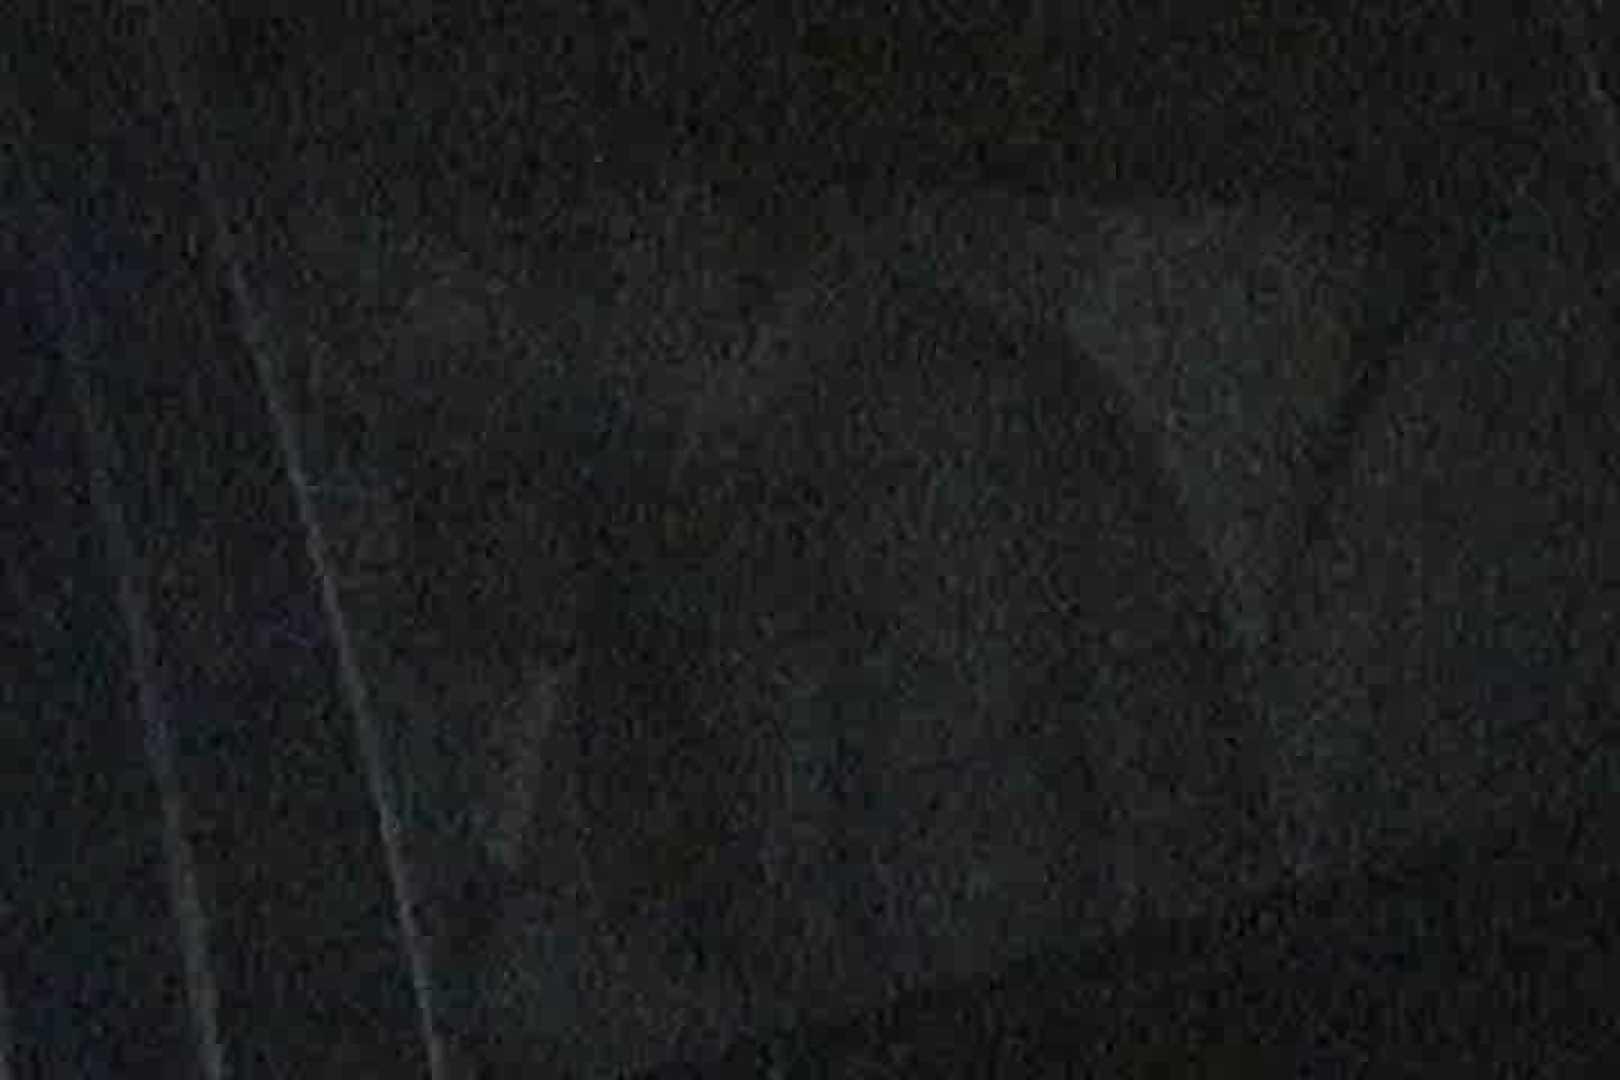 充血監督の深夜の運動会Vol.8 エッチなセックス セックス無修正動画無料 106画像 27